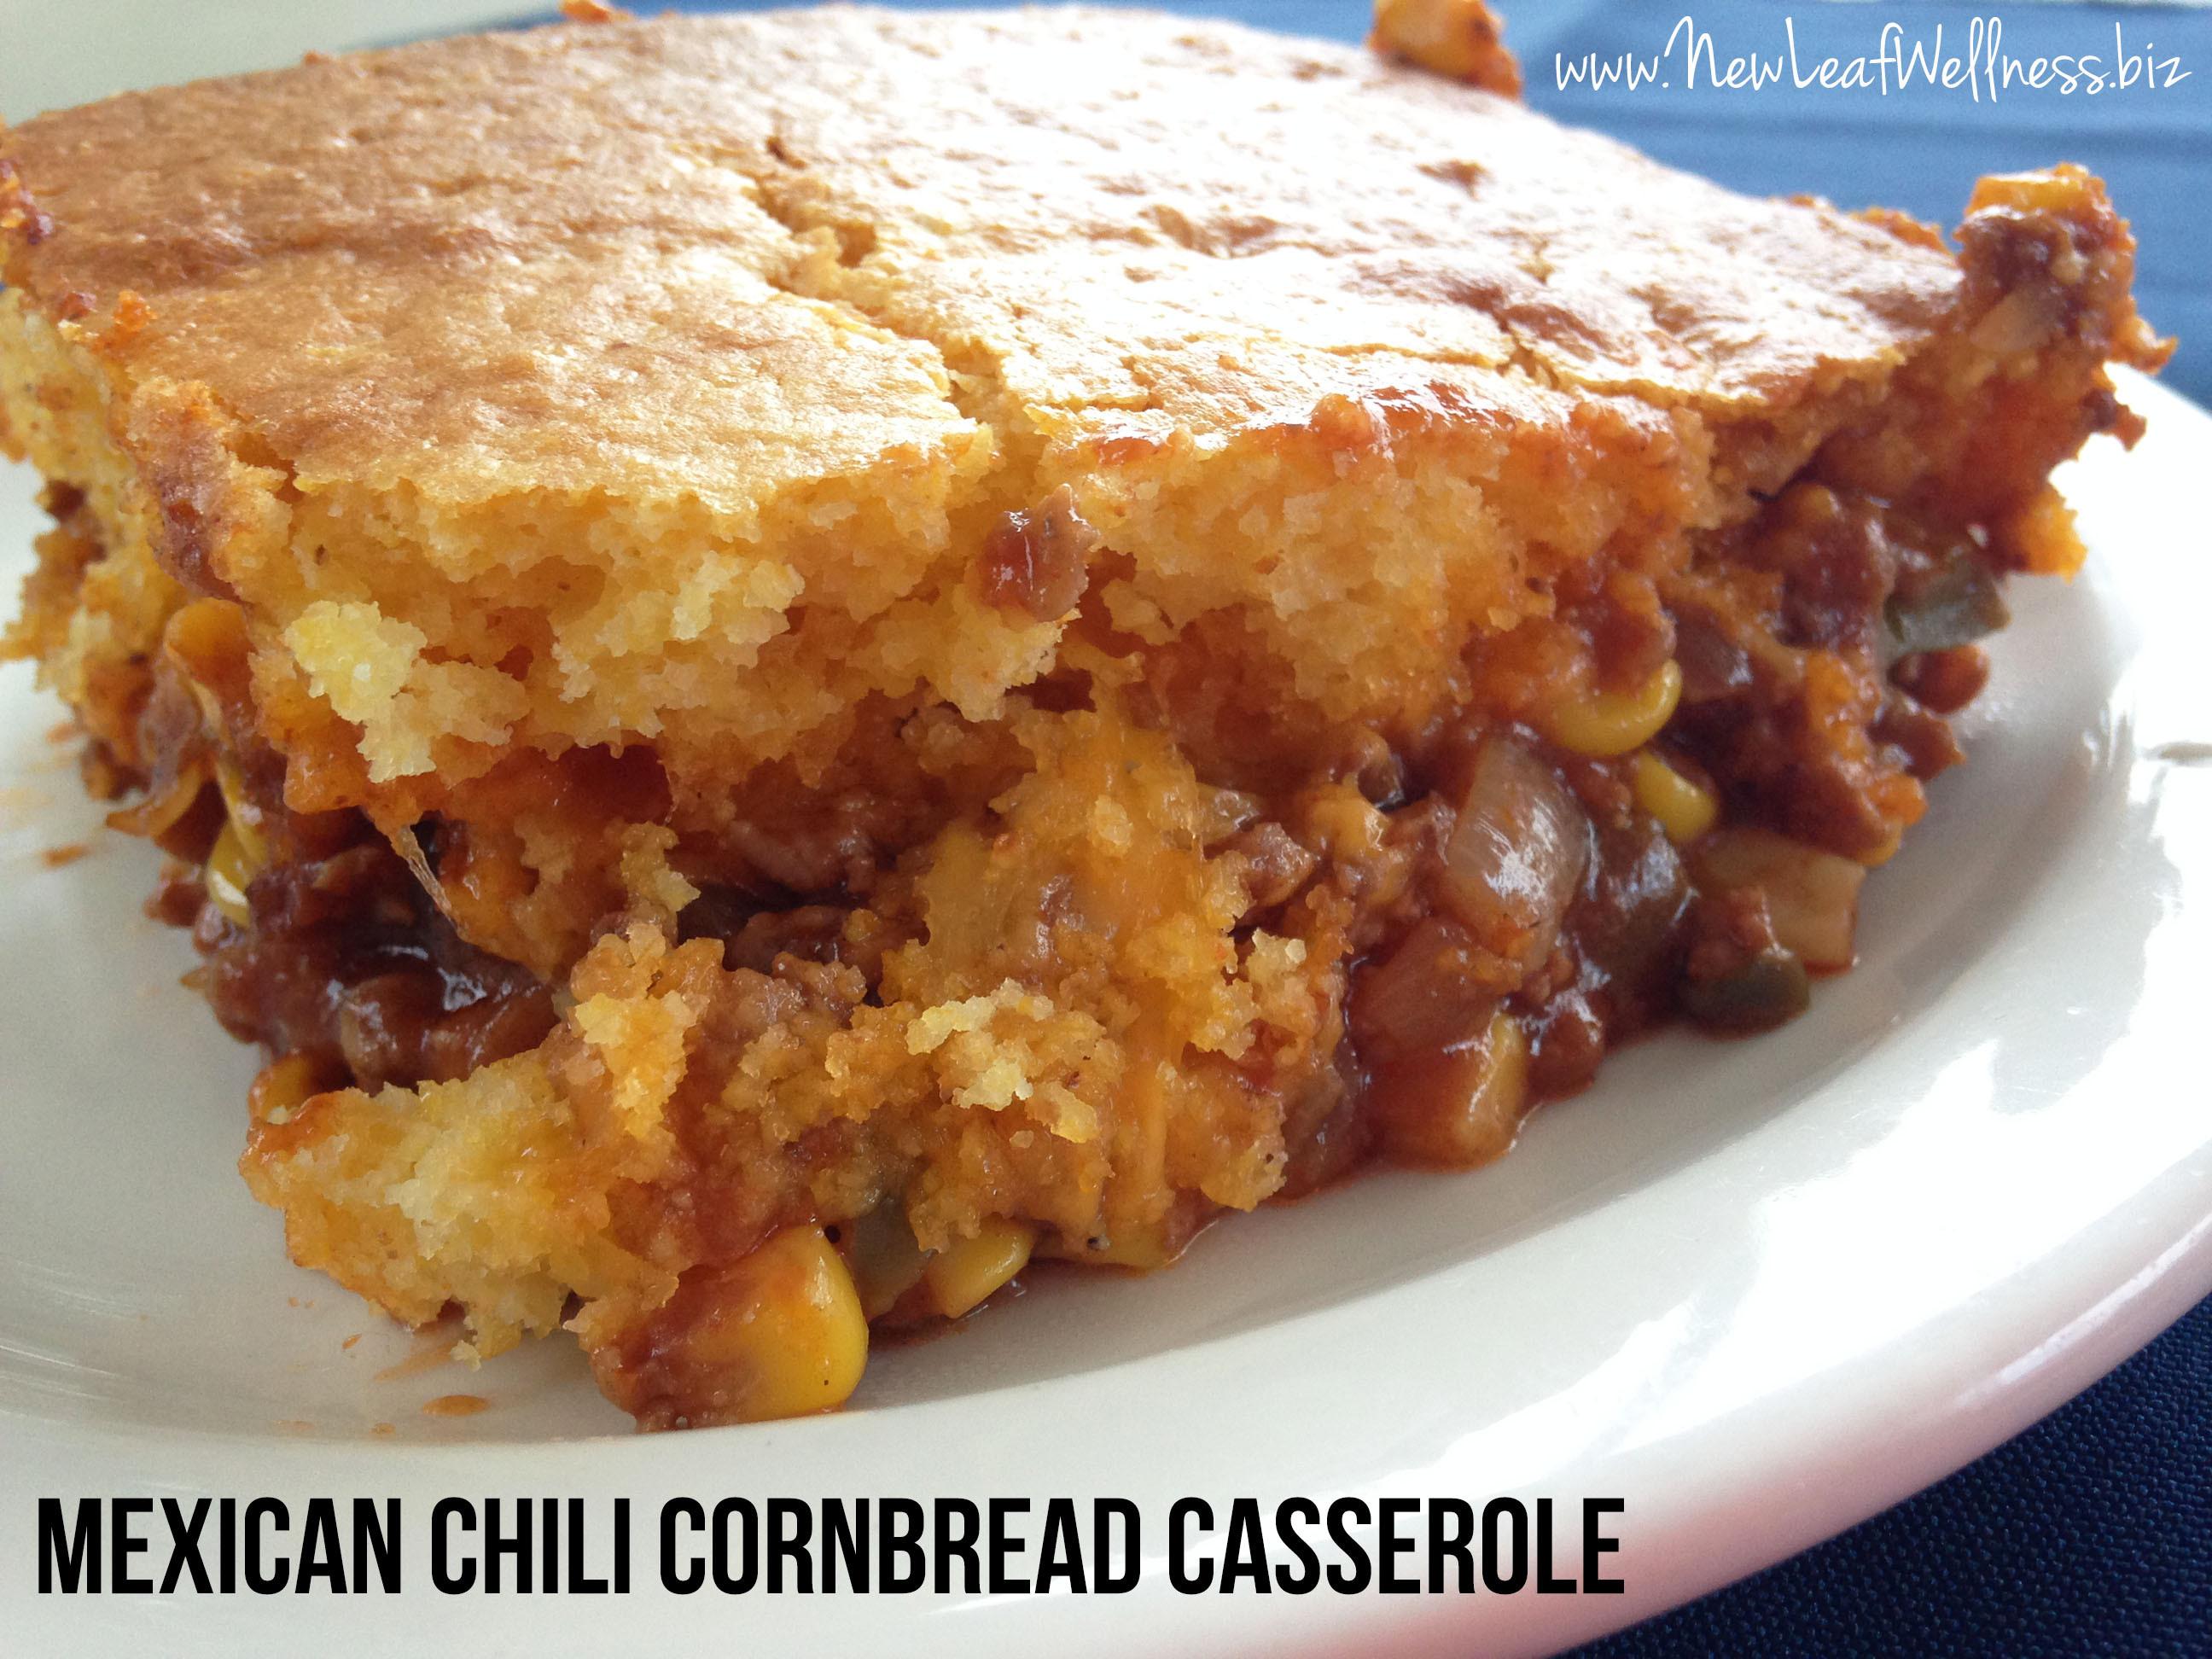 Mexican Cornbread Recipe  Mexican chili cornbread casserole recipe – New Leaf Wellness